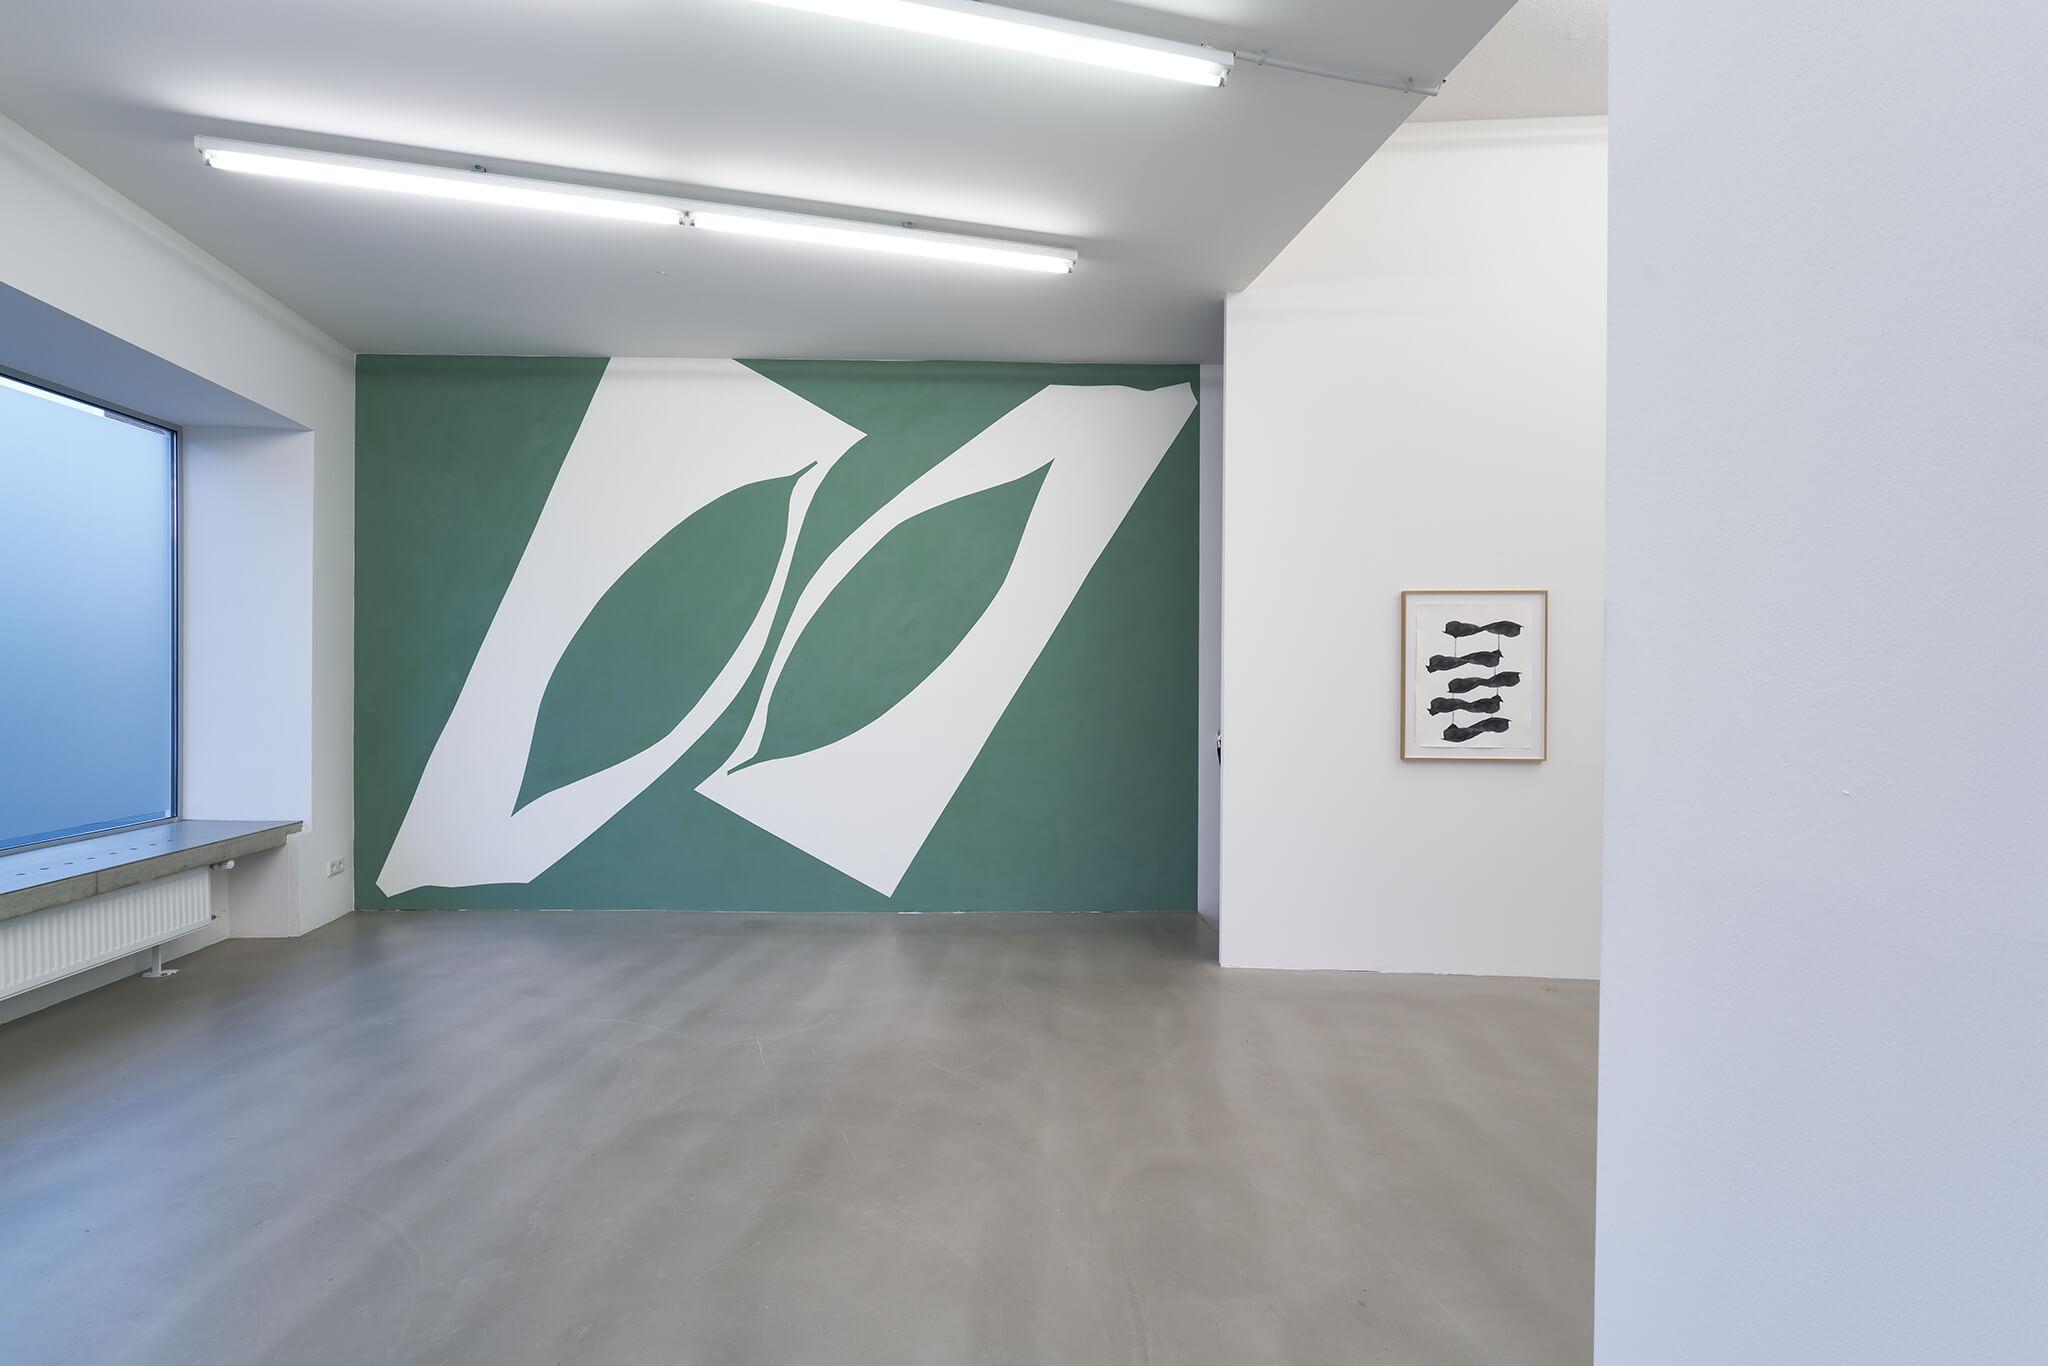 108_Frauke-Dannert_Collage_Ausstellung_Wandmalerei_botanicals_Rupert-Pfab-Düsseldorf_-2017